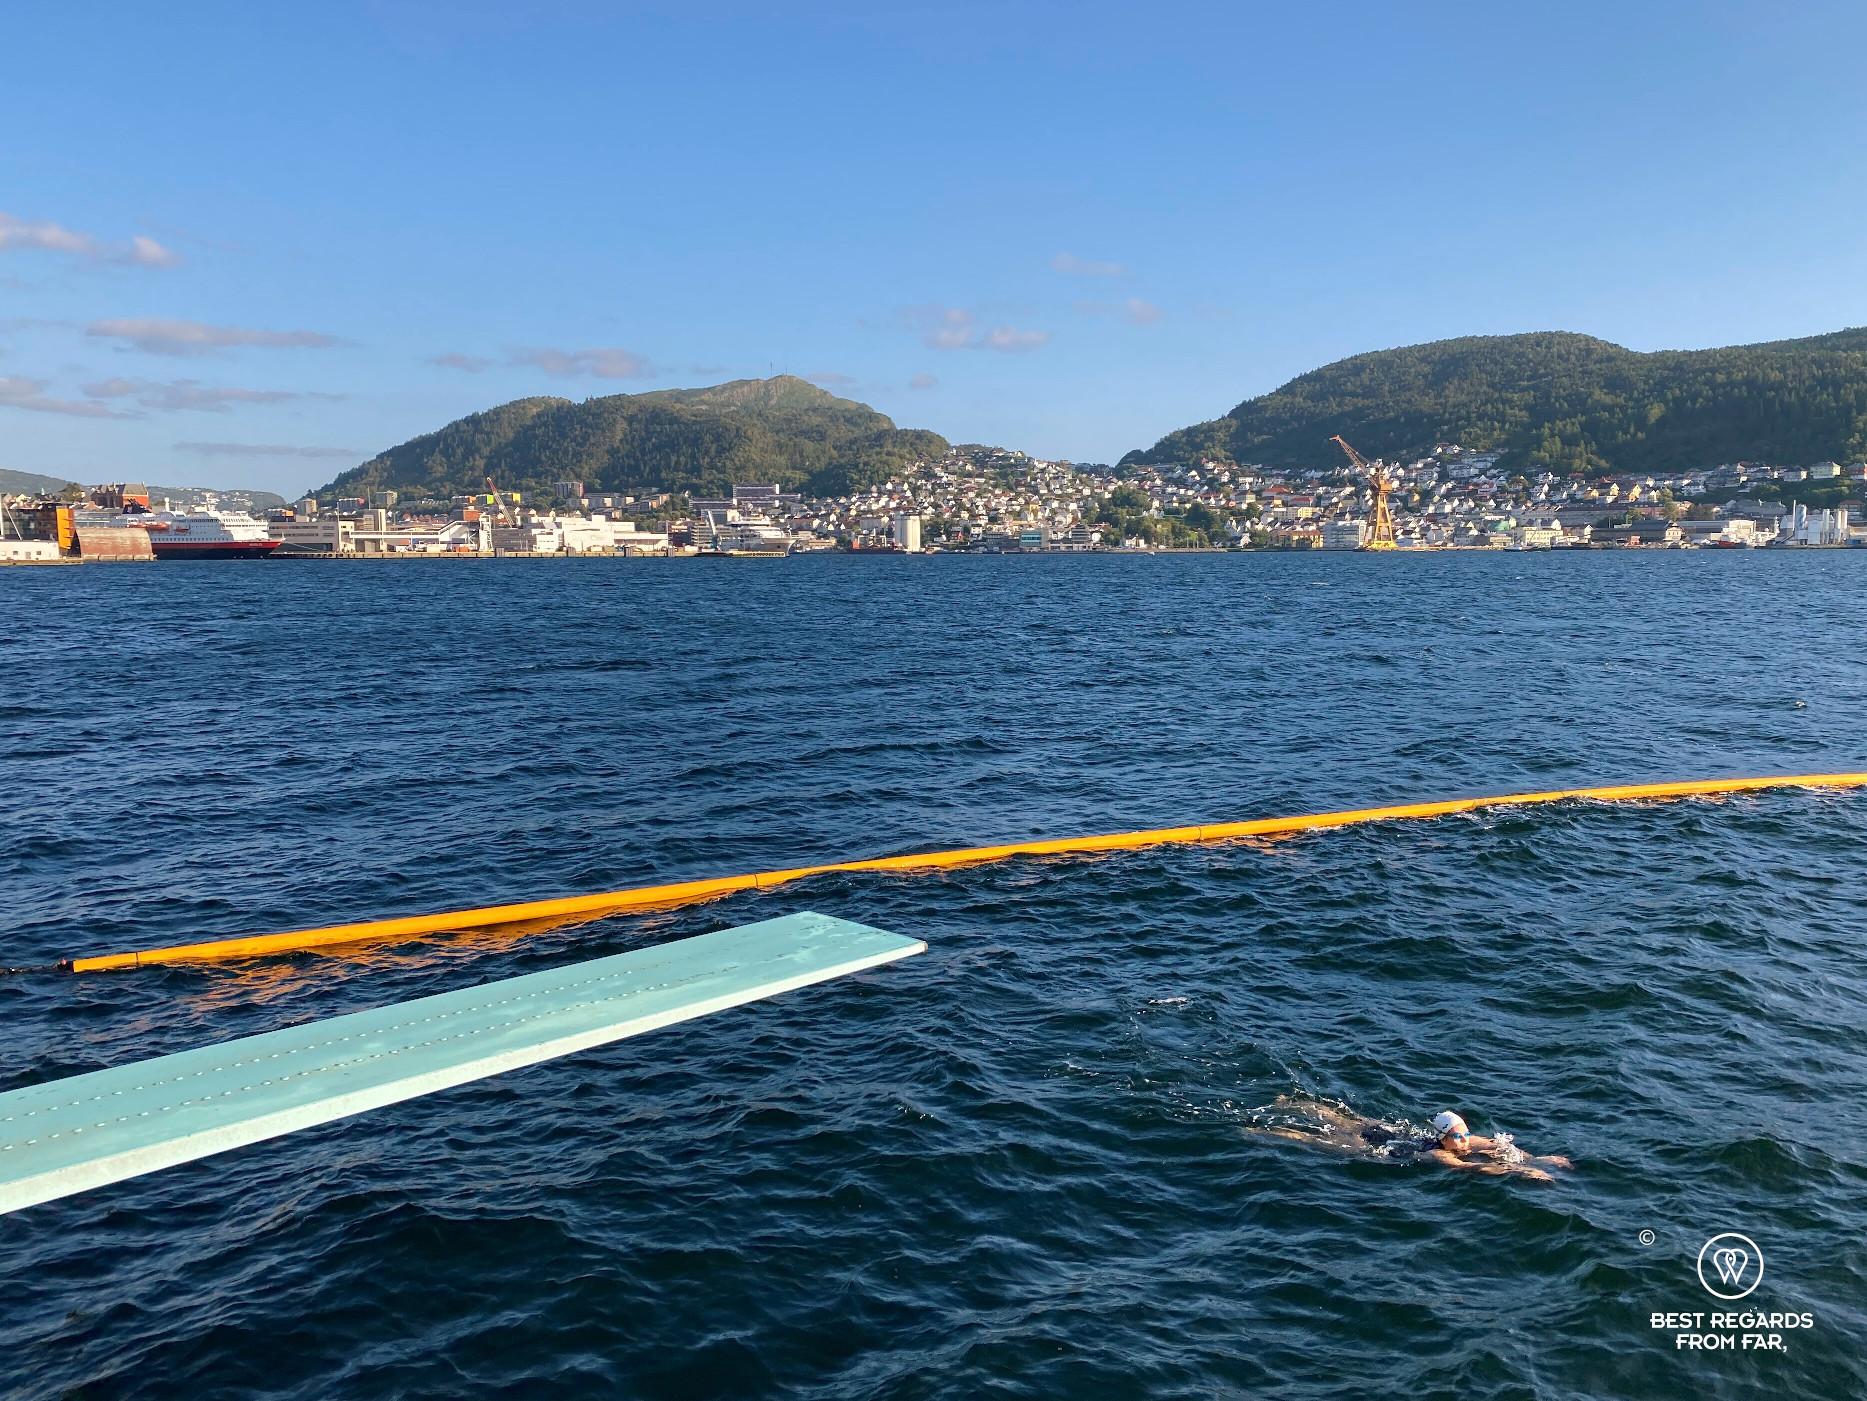 Nordnes seawater pool in Bergen, Norway